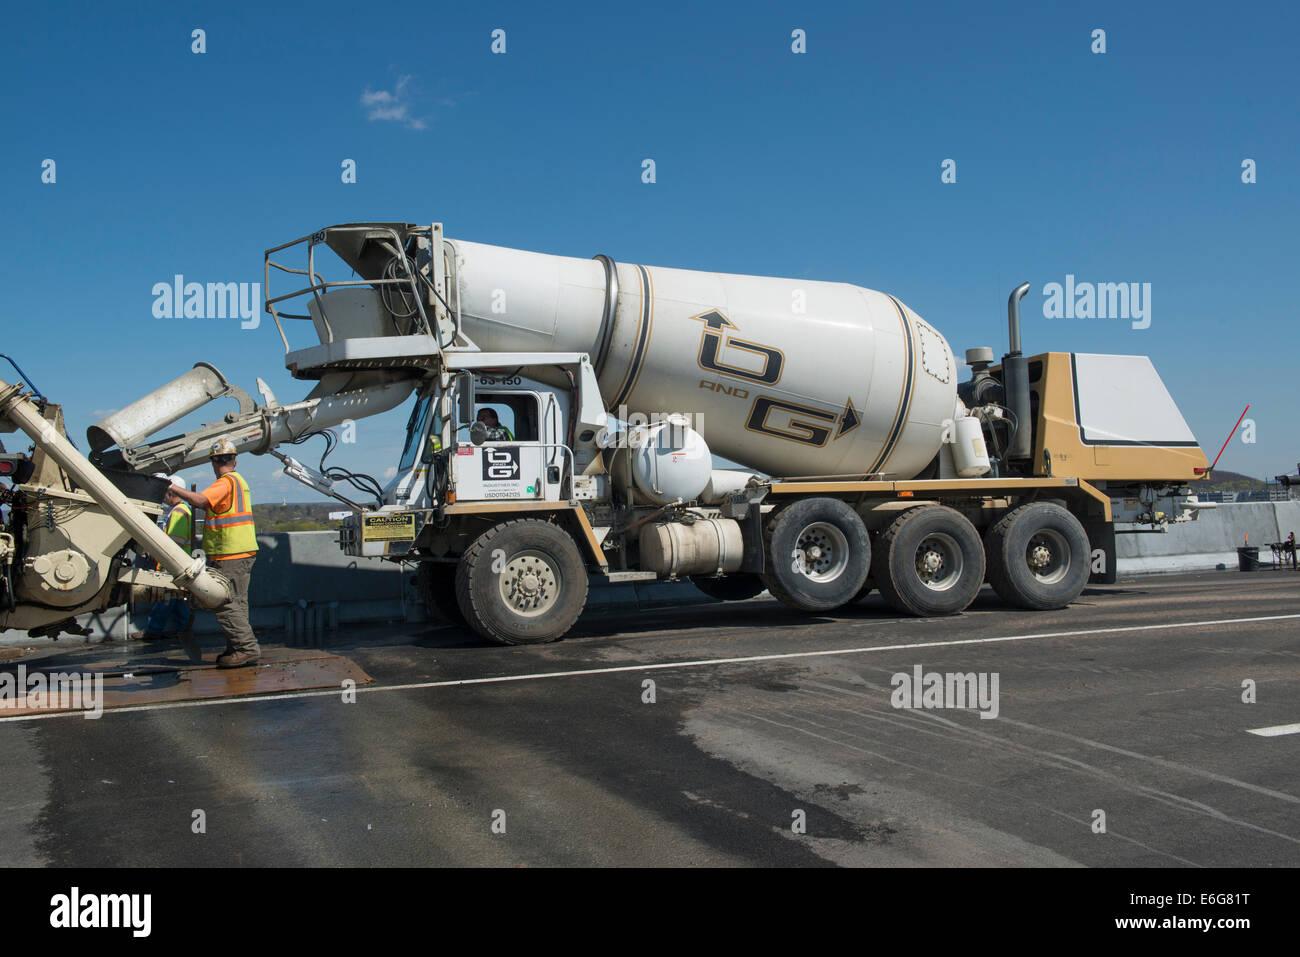 Hormigonera combina el cemento, grava o arena y agua para hacer concreto sobre la I-95 Harbour Crossing Project en New Haven, CT. Foto de stock